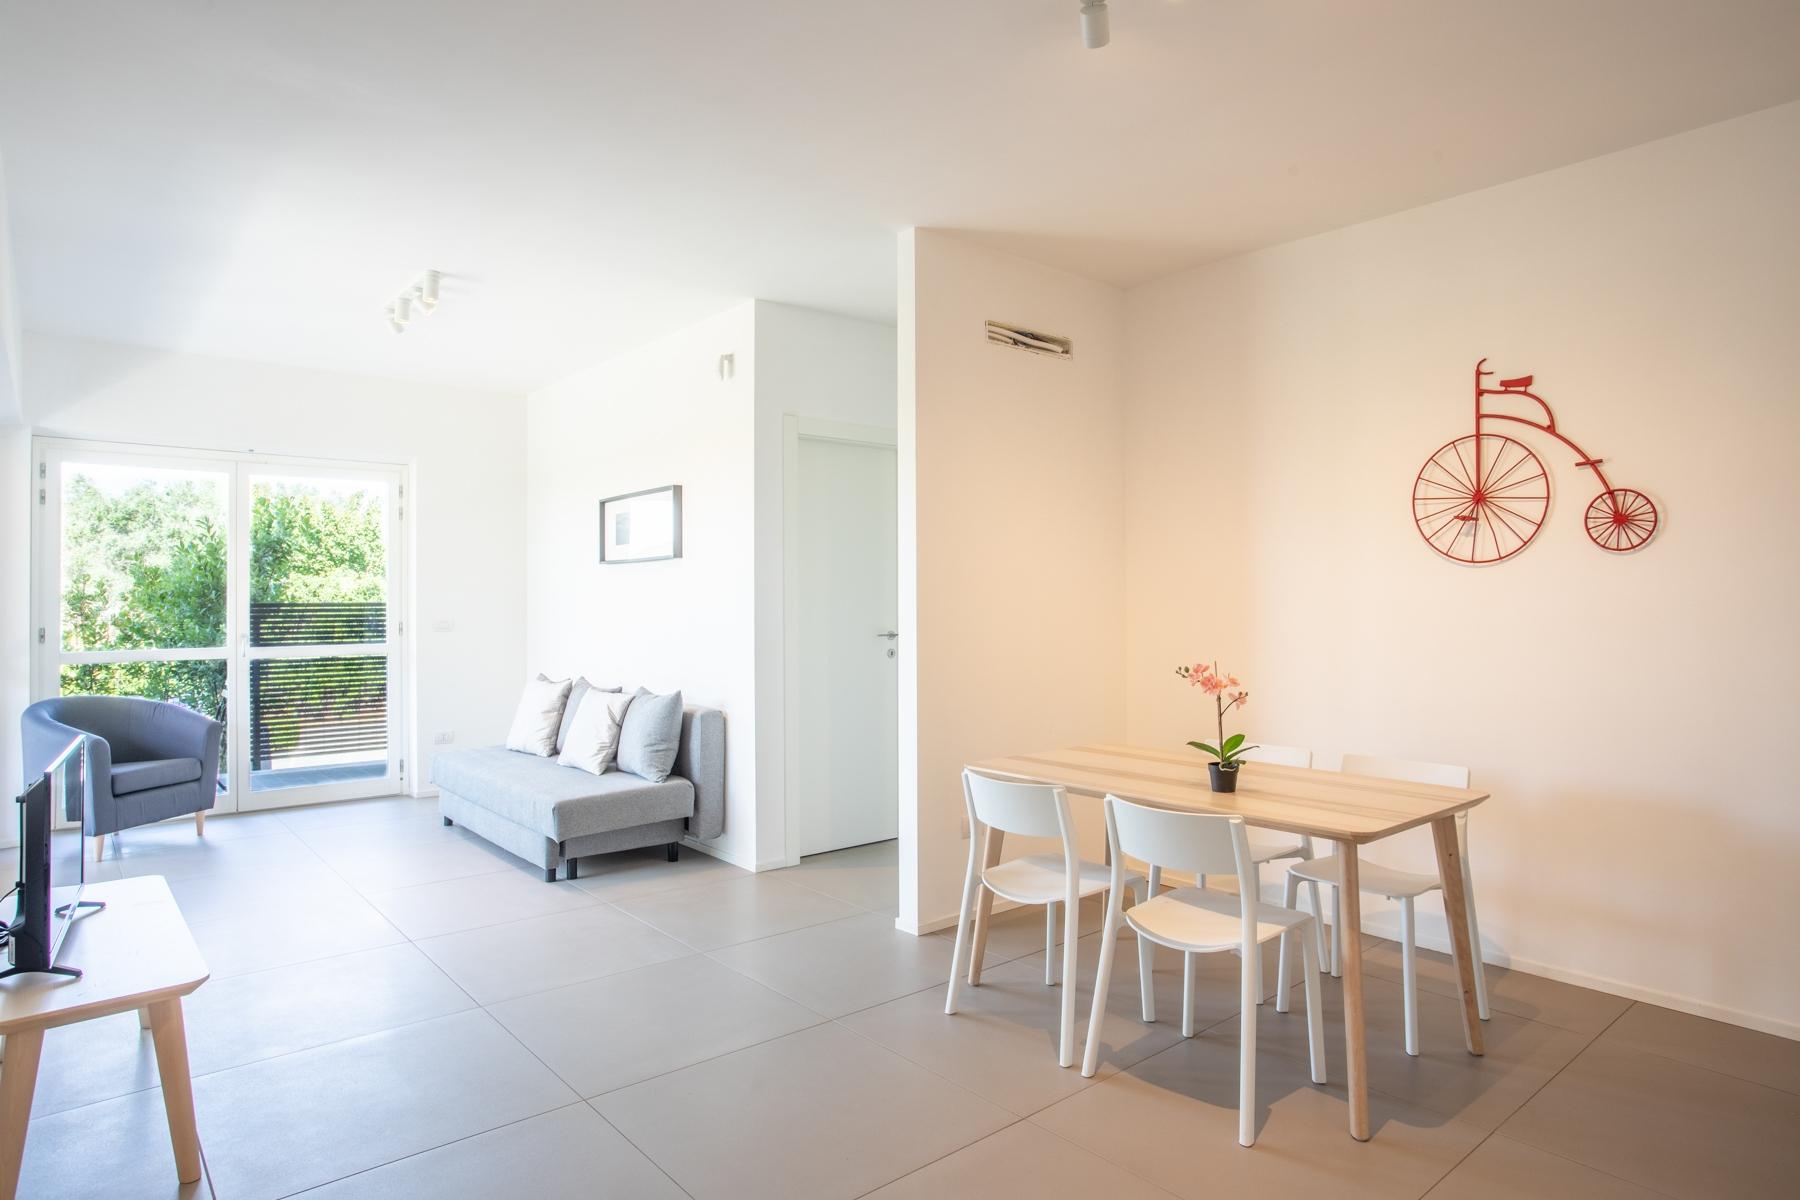 Appartamento in Vendita a Trevignano Romano: 4 locali, 100 mq - Foto 9